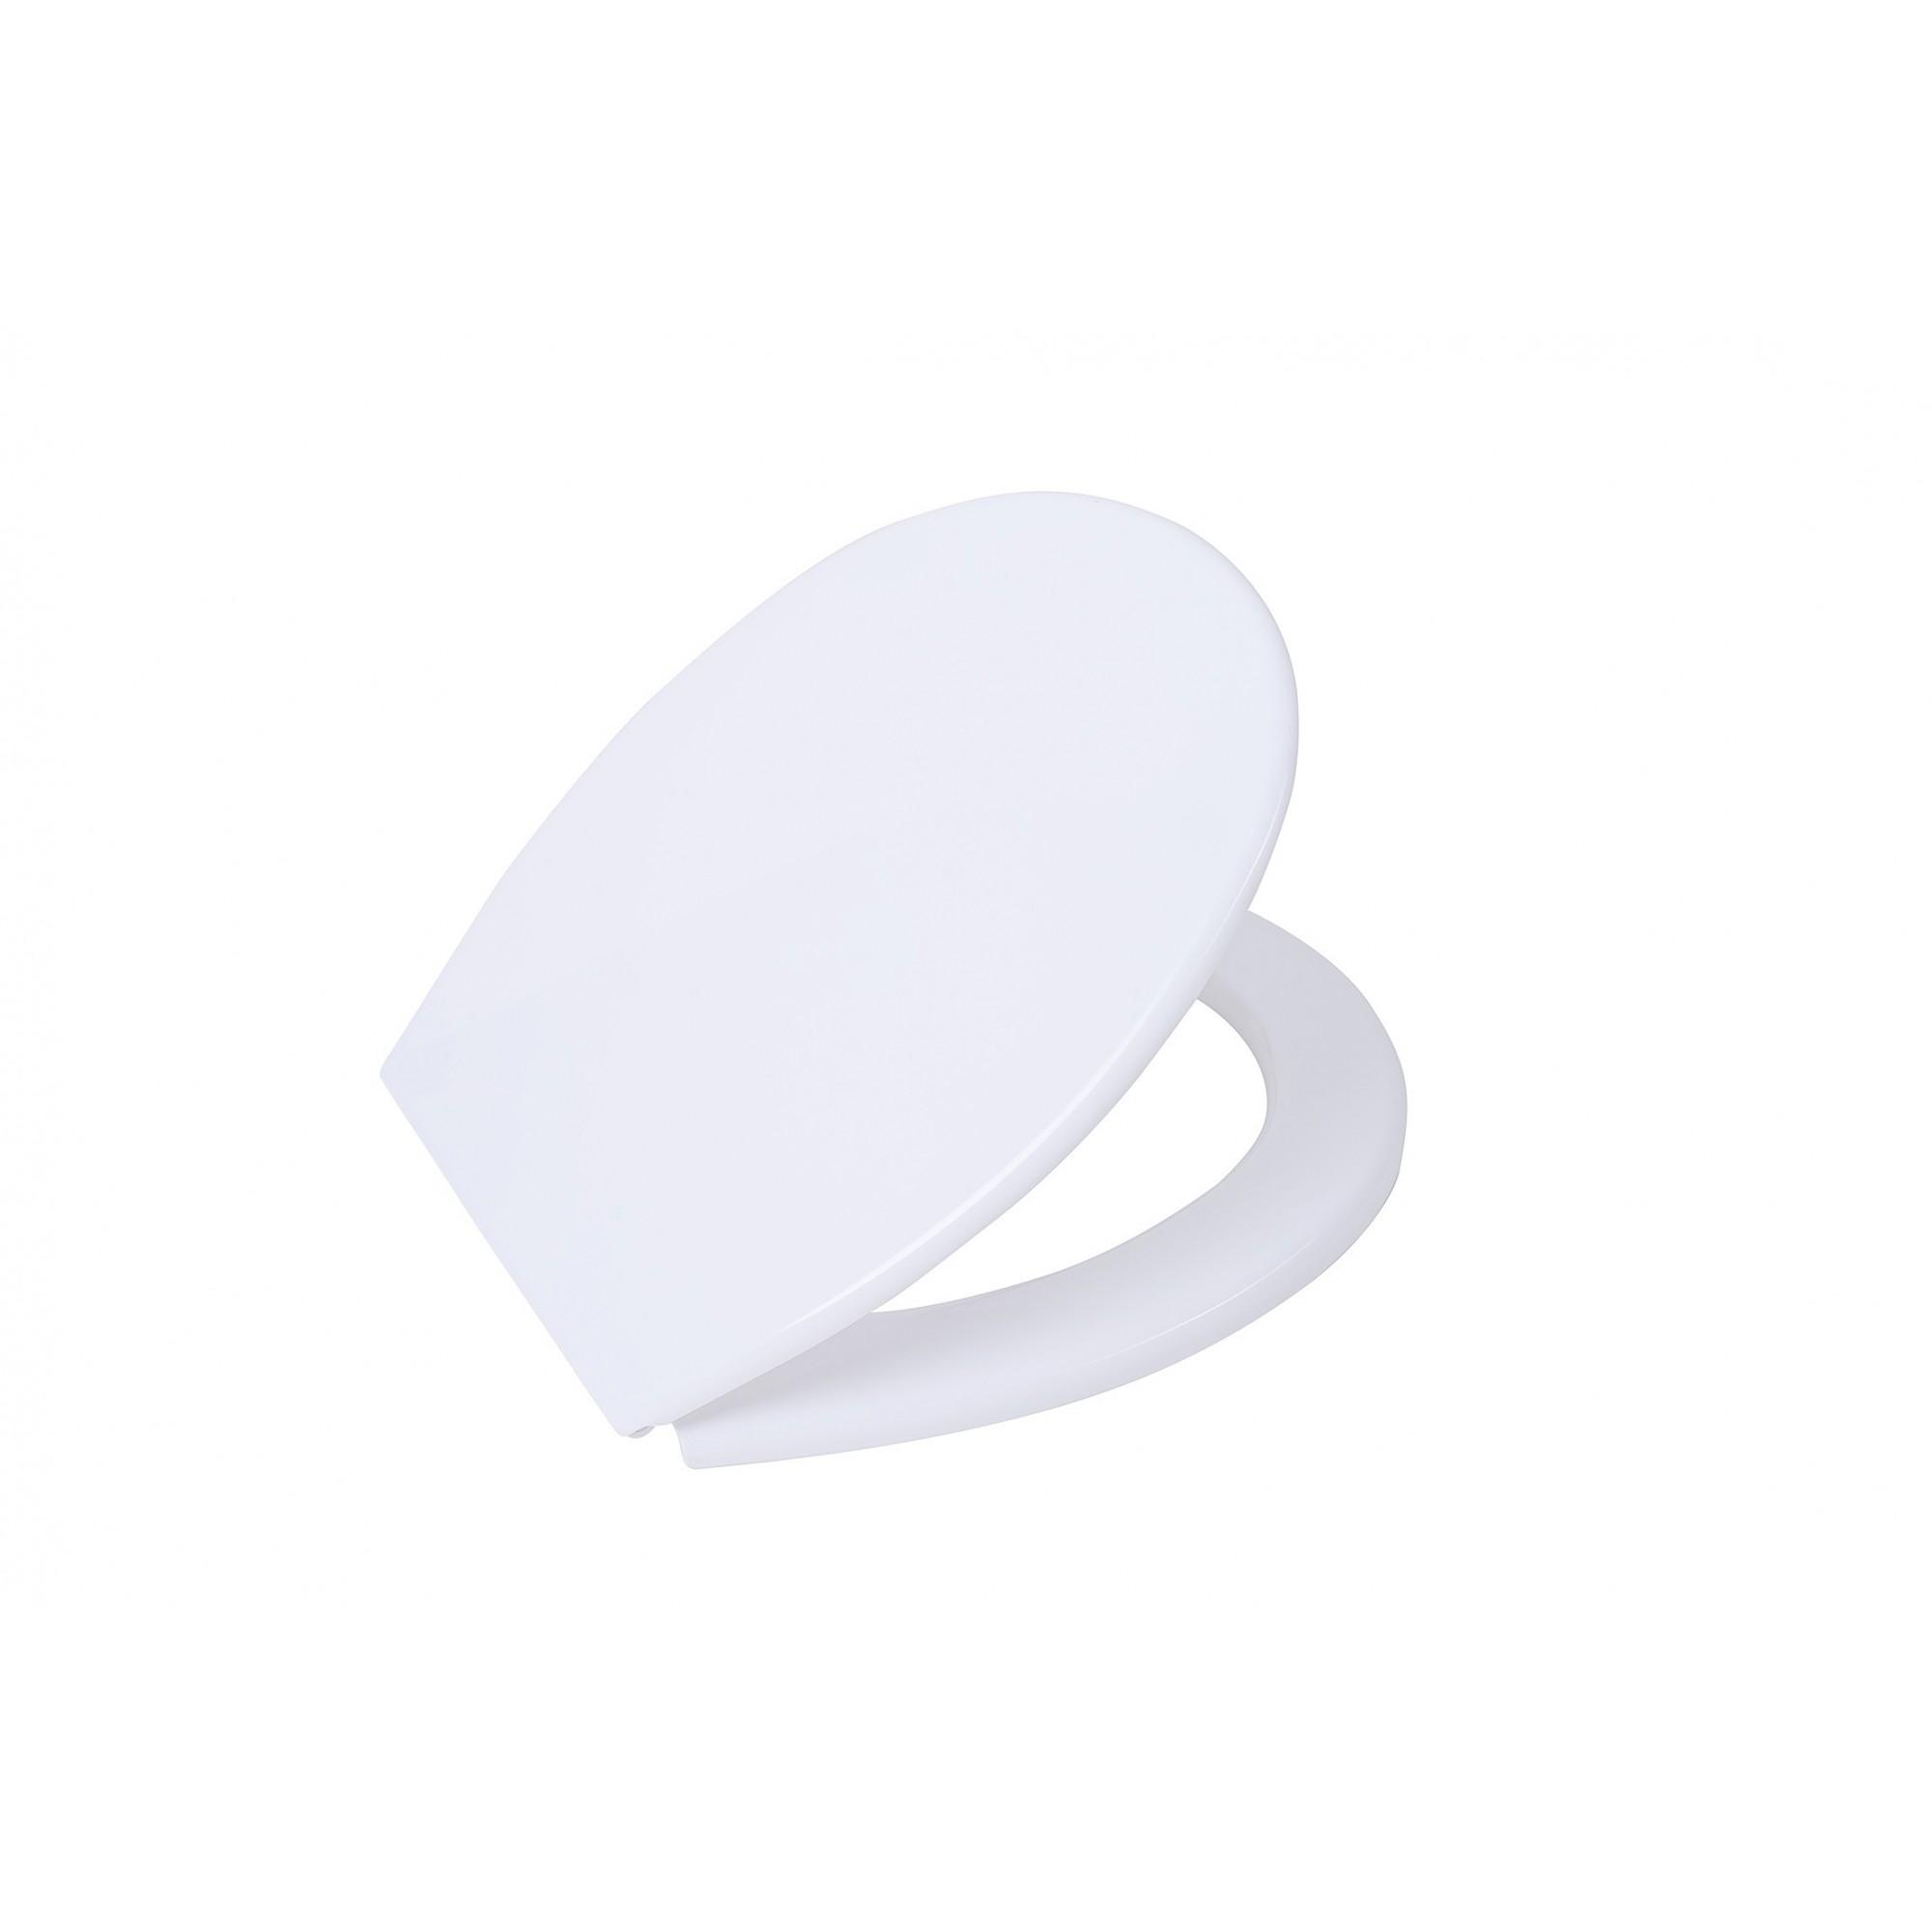 Крышка для унитаза SYDANIT белая УНИВЕРСАЛЬНОЕ, дюропласт с микролифтом SYDANIT - 1